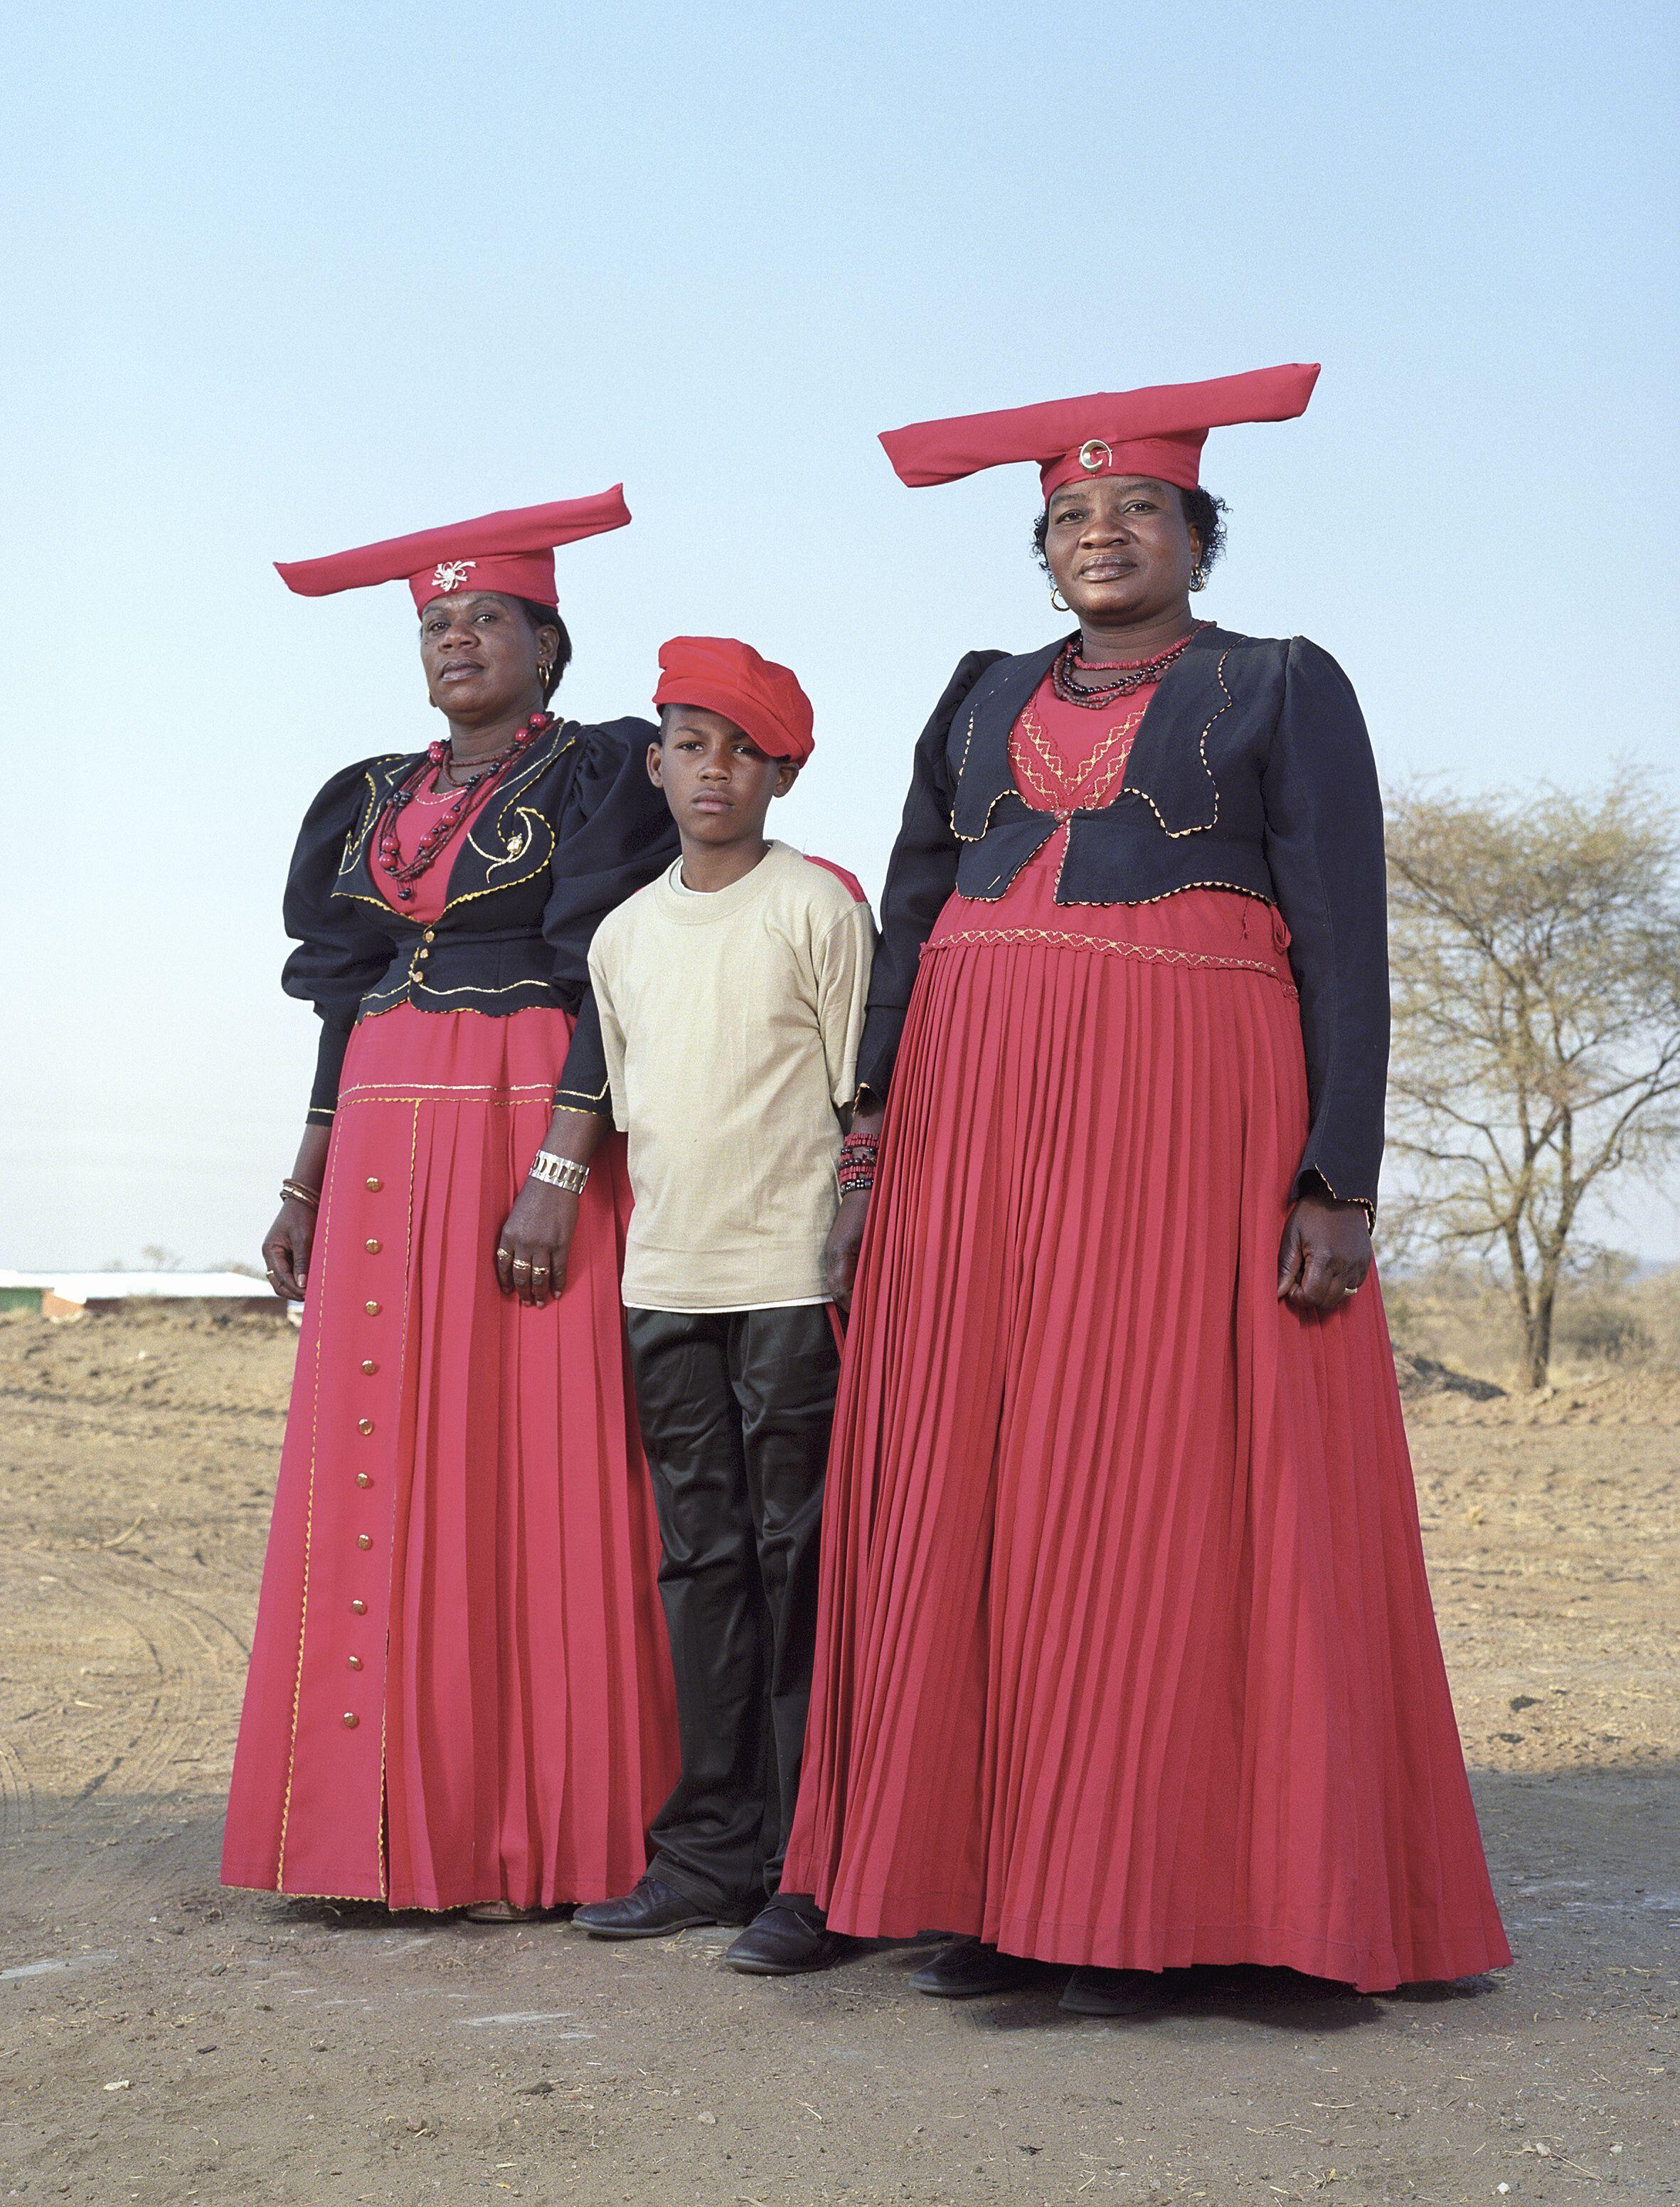 La série Hereros de Charles Fréger. Les robes rouges portées lors de la commémoration annuelle à Okahandja évoquent à la fois les victimes et les bourreaux du premier génocide du XXe siècle commis par les Allemands en Namibie, en 1904 et 1905.